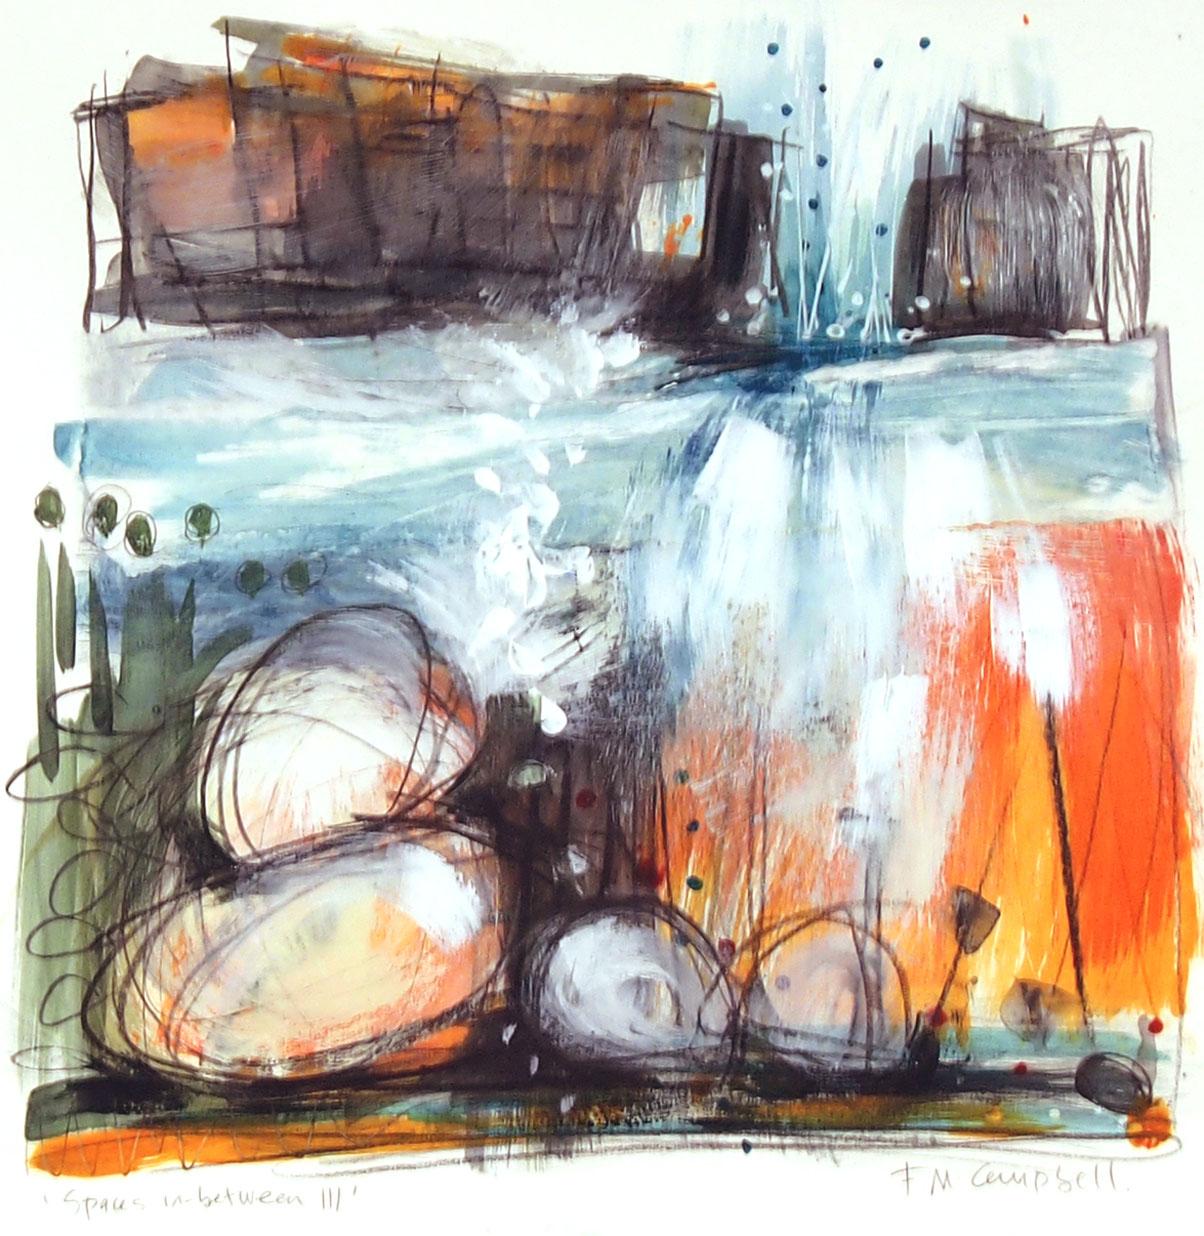 'Spaces in-between III'